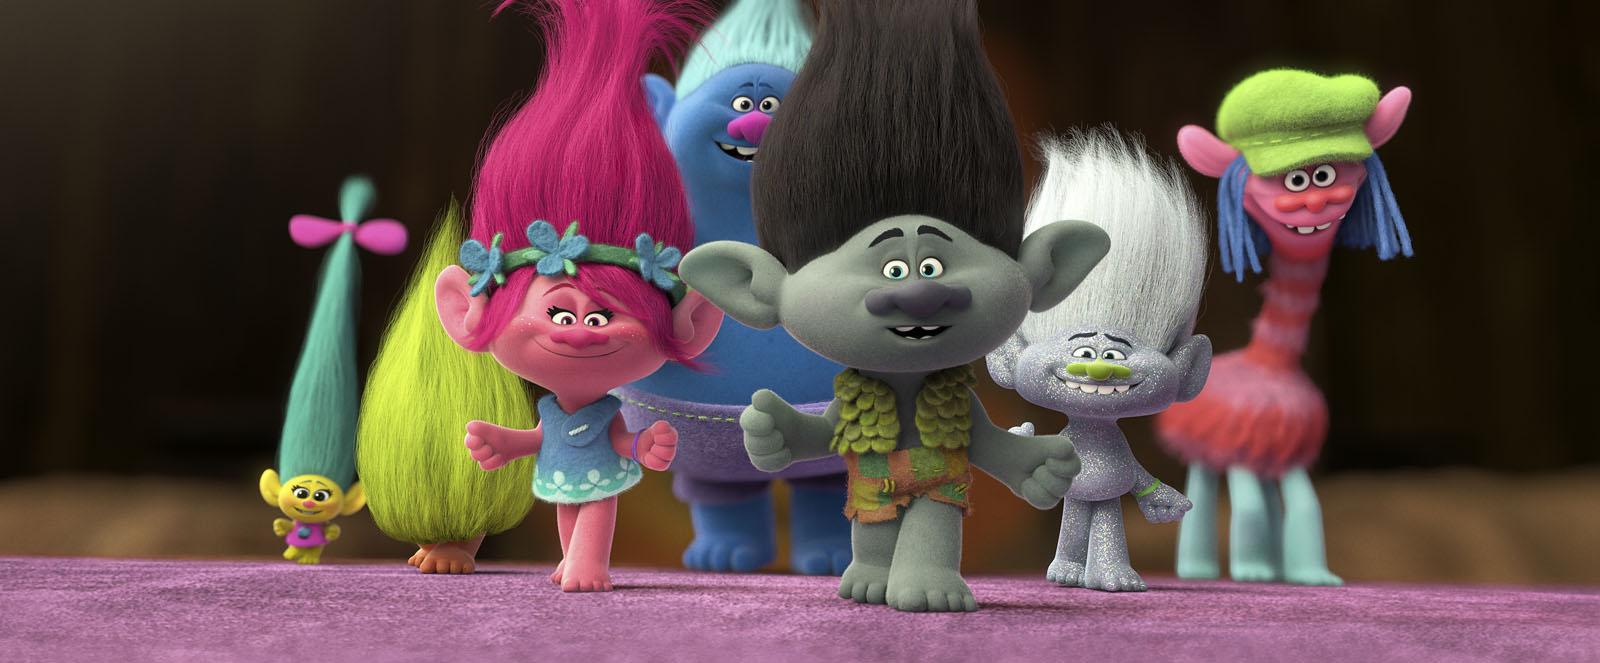 """Protagonistas de la película de los """"Trolls"""""""